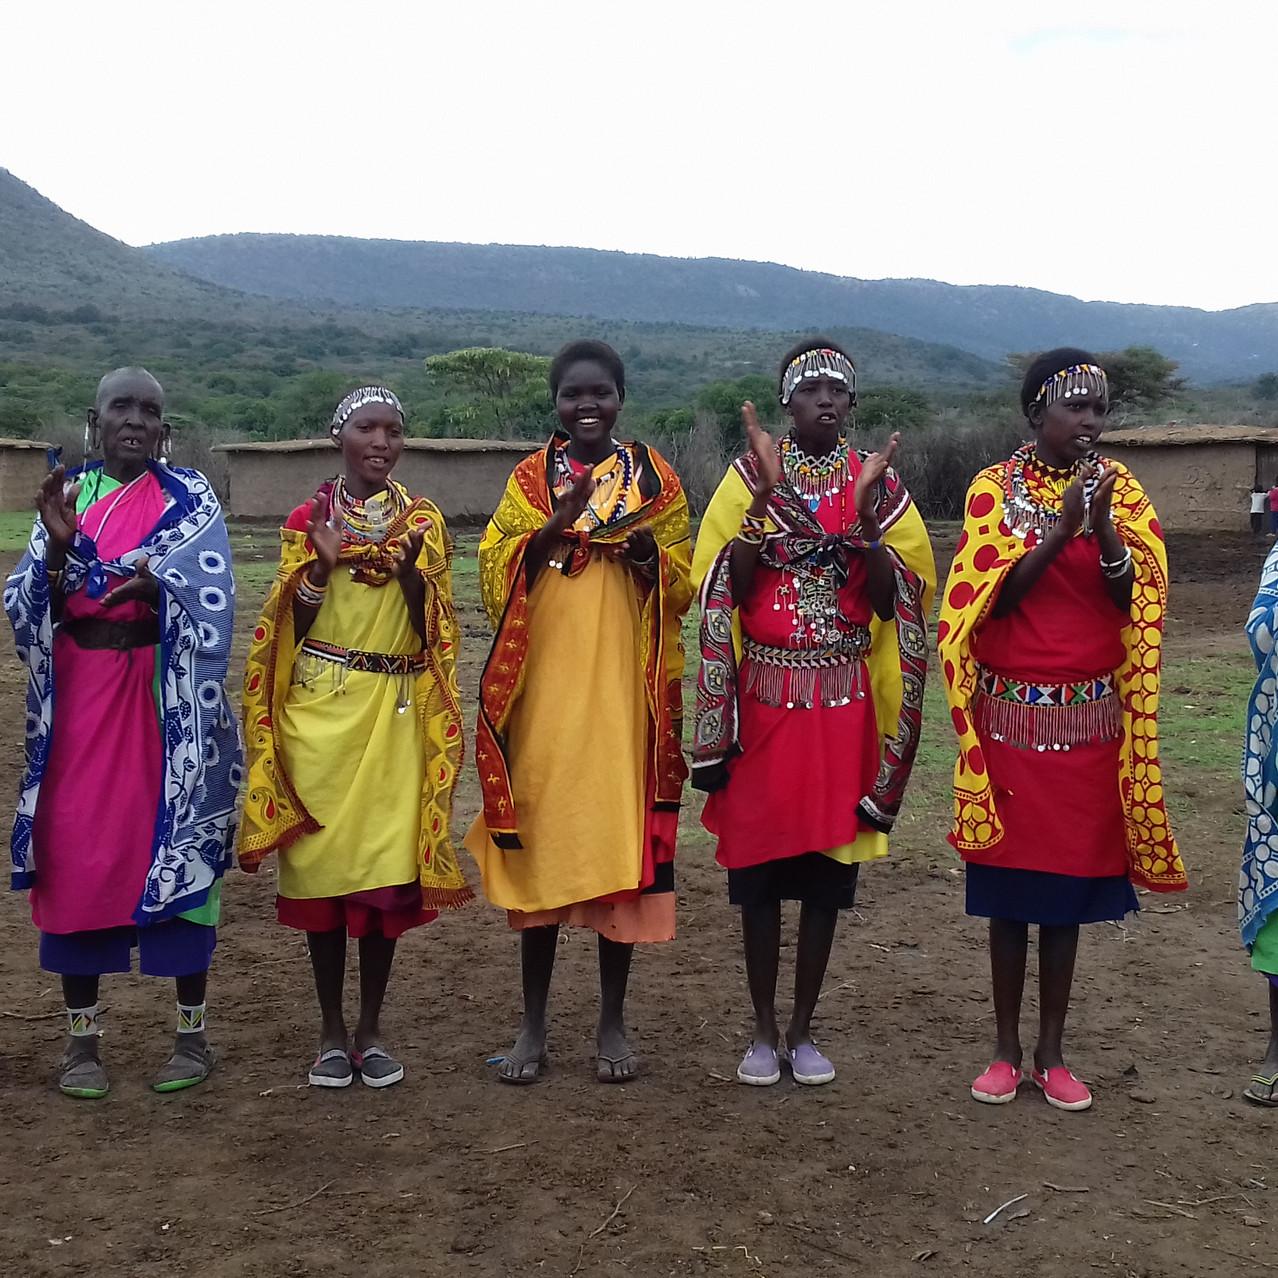 Les femmes, belles et colorées